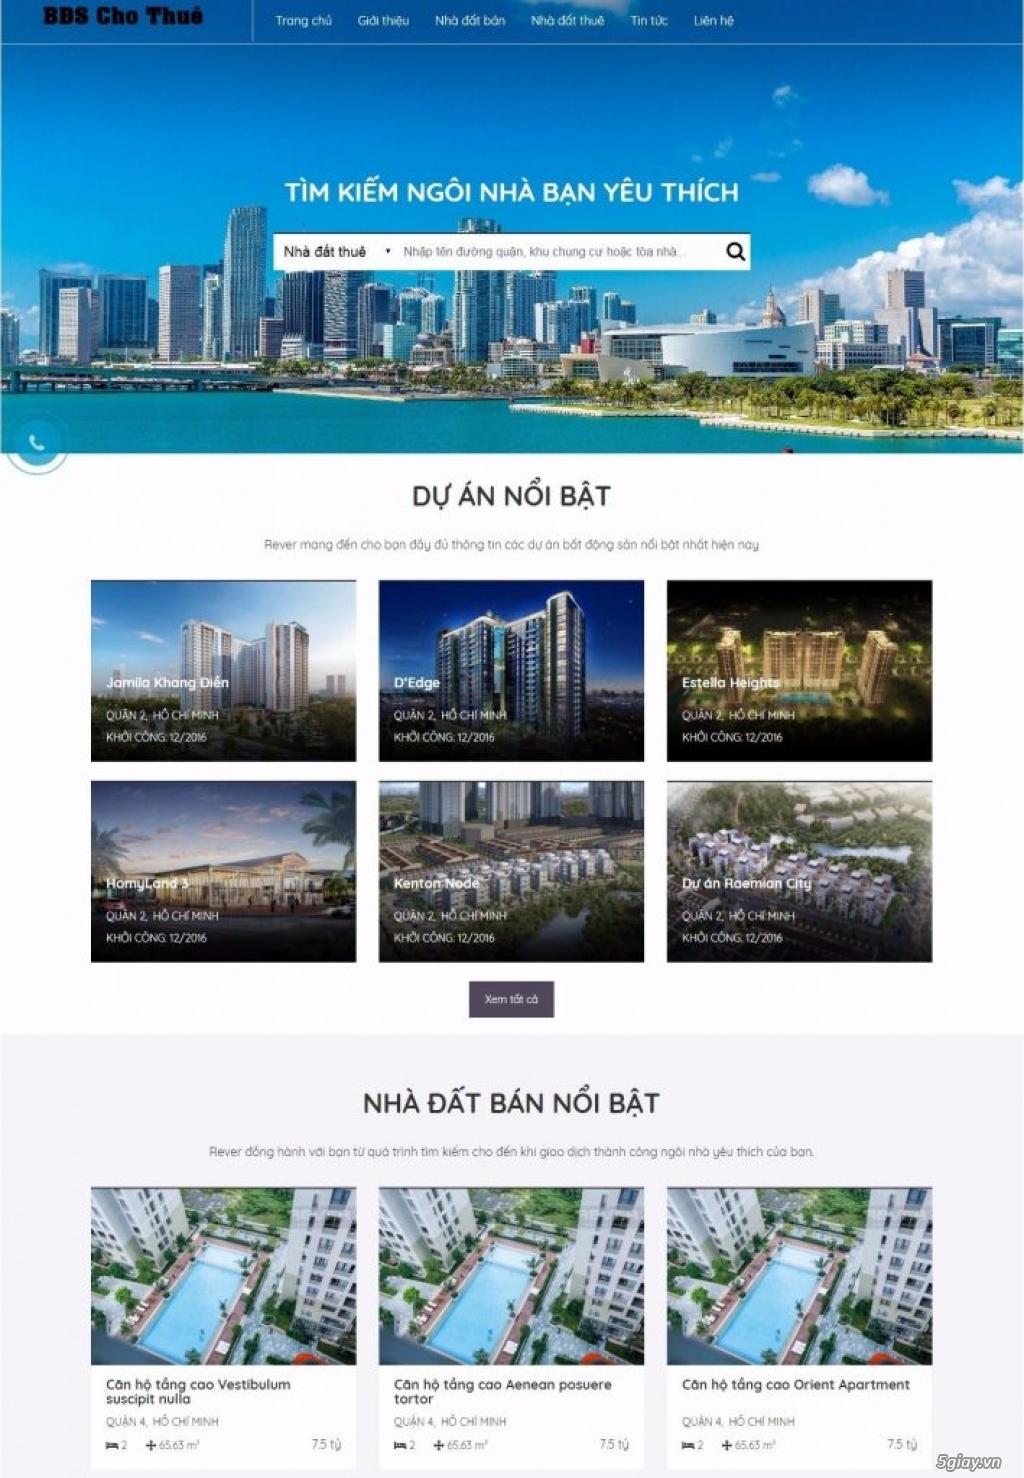 Thiết kế Website Chuyên nghiệp, Giá rẻ chỉ từ 1 triệu VNĐ - 2